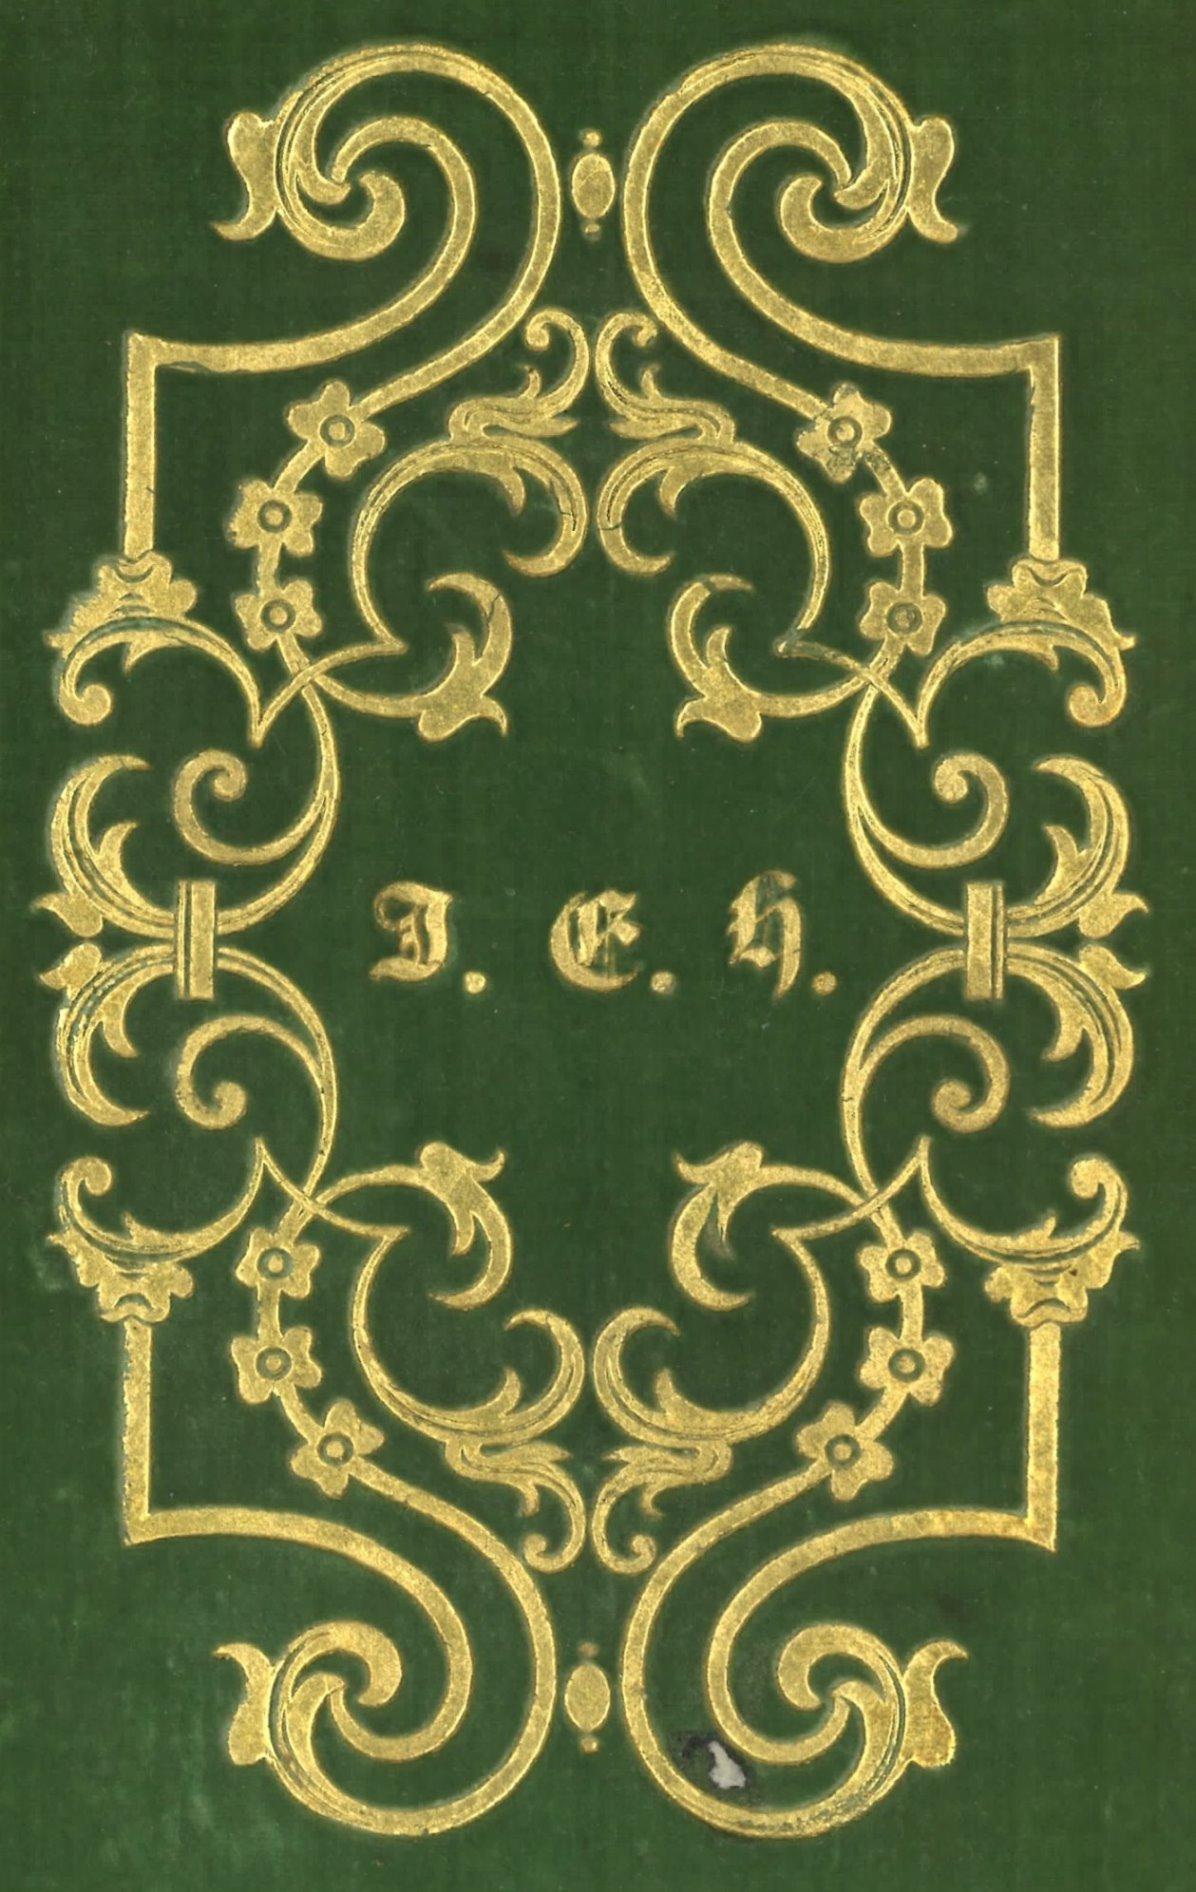 """Supralibros de Juan Eugenio Hartzenbusch: iniciales """"J. E. H."""" en dorado"""